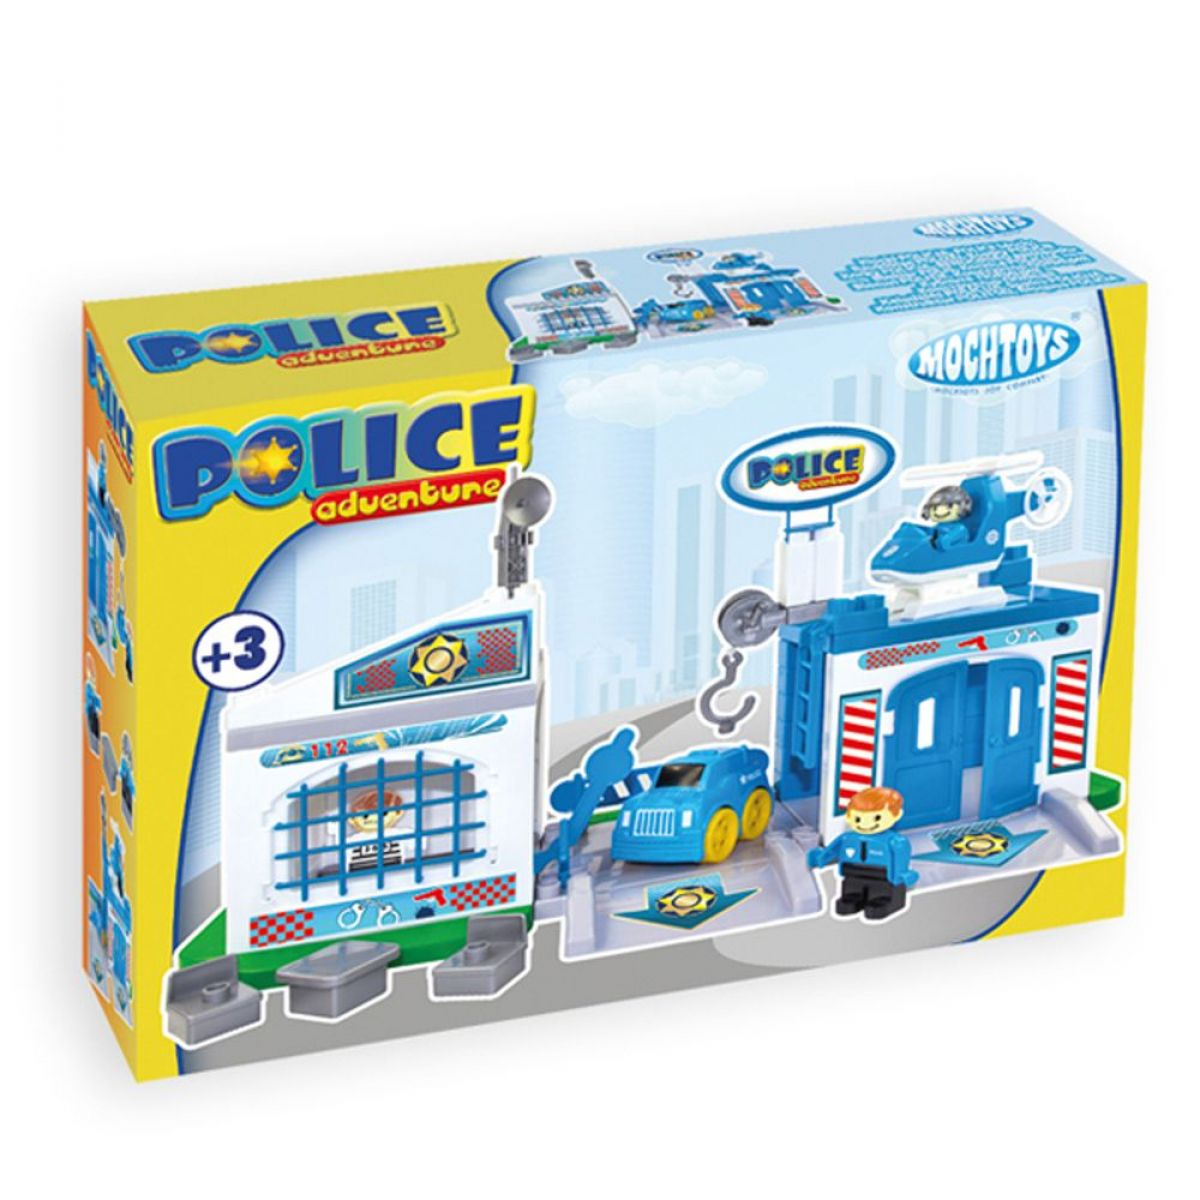 Mochtoys Policejní stanice Mochtoys